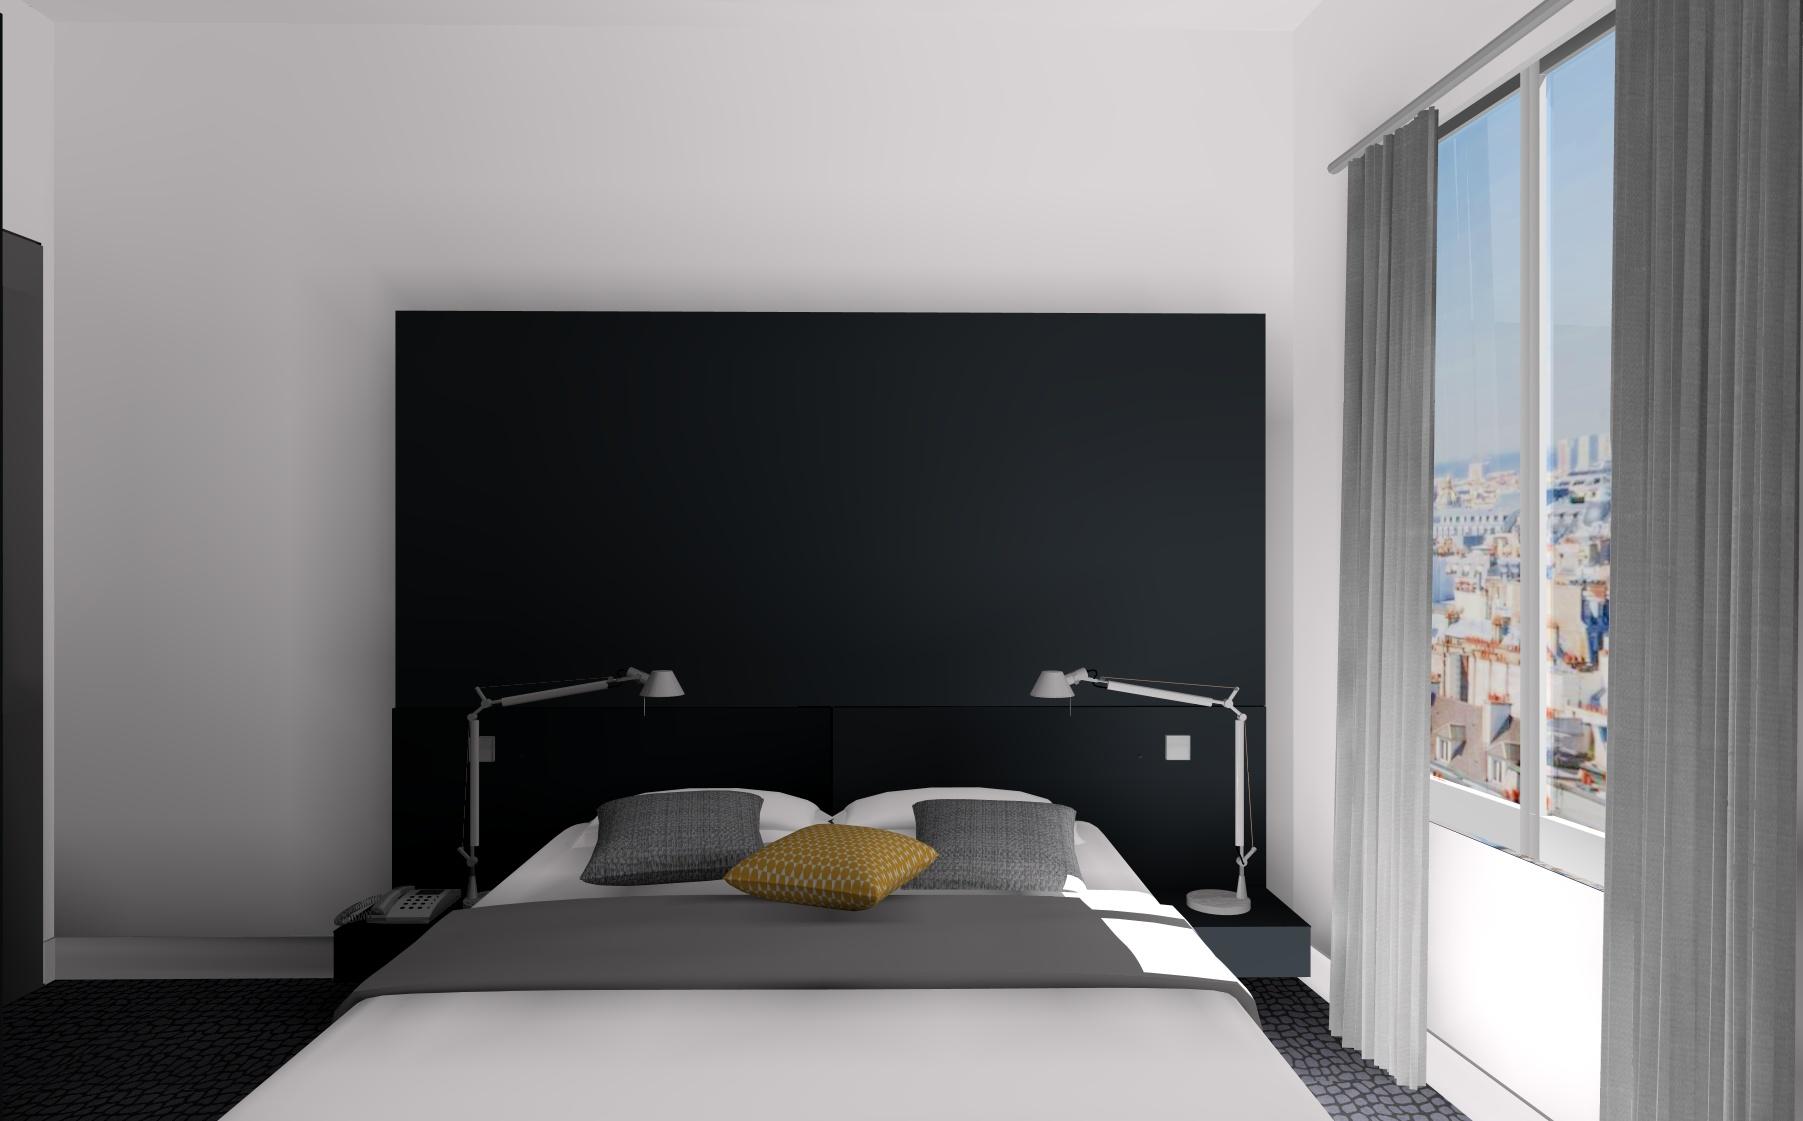 simulation-3d-tete-de-lit-noire-hotel